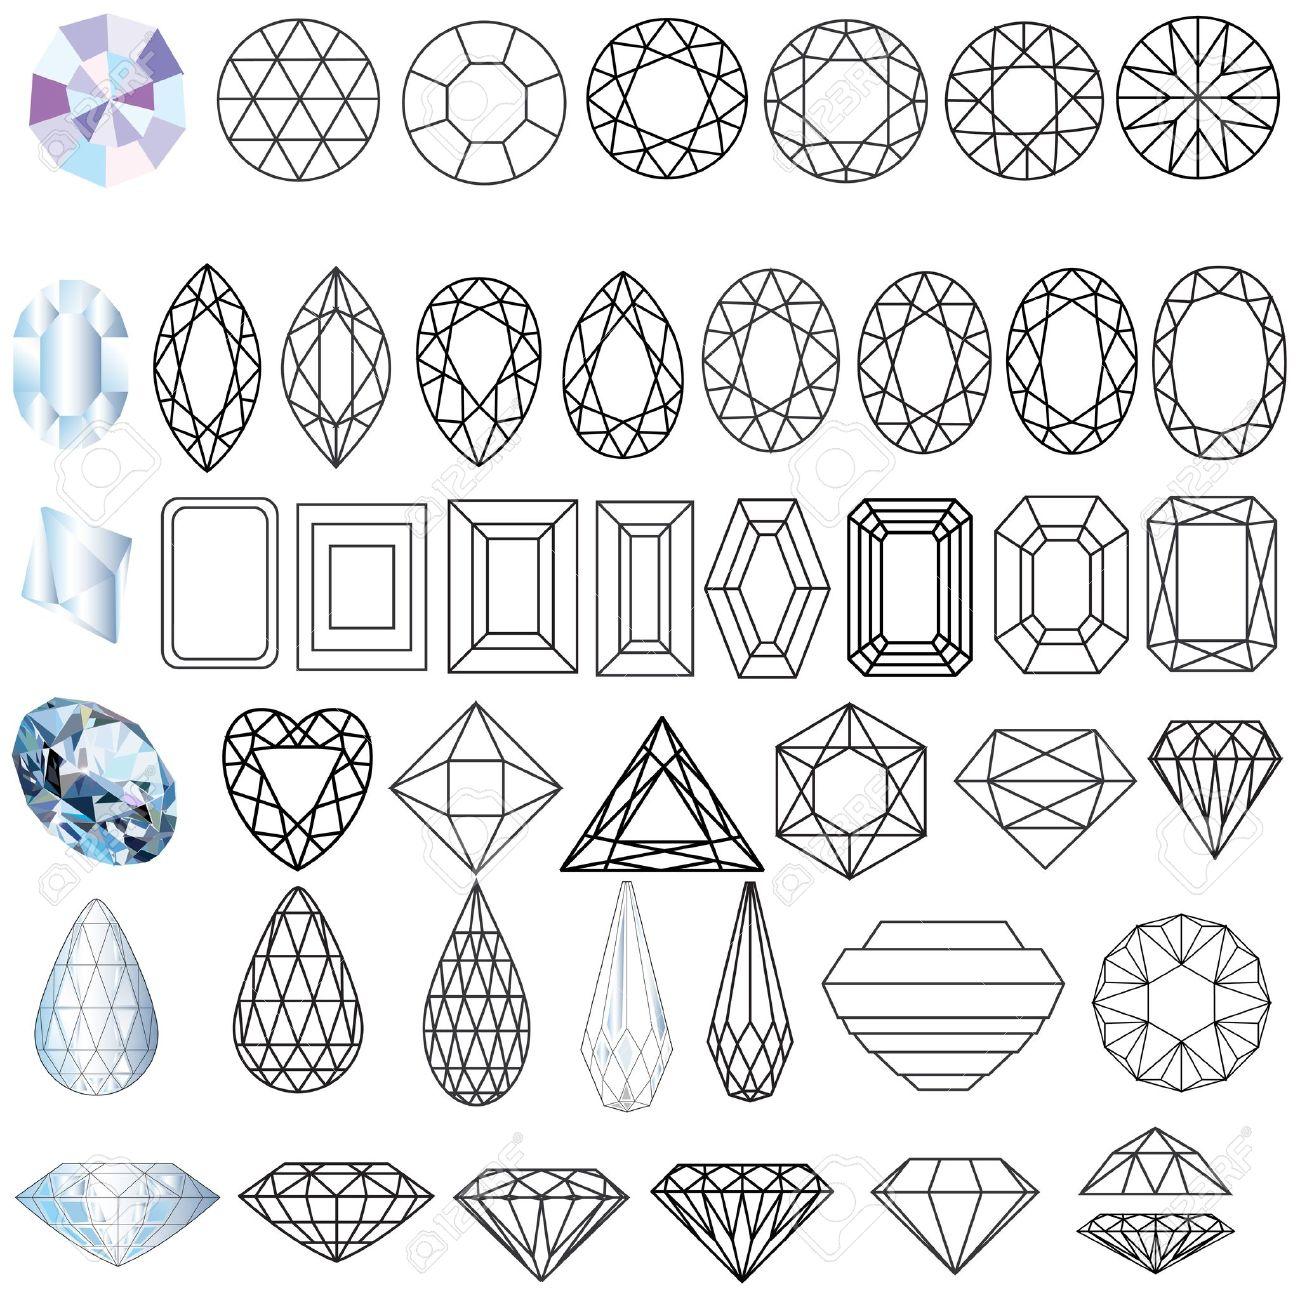 イラスト カット フォームの貴重な宝石石のセットのイラスト素材ベクタ